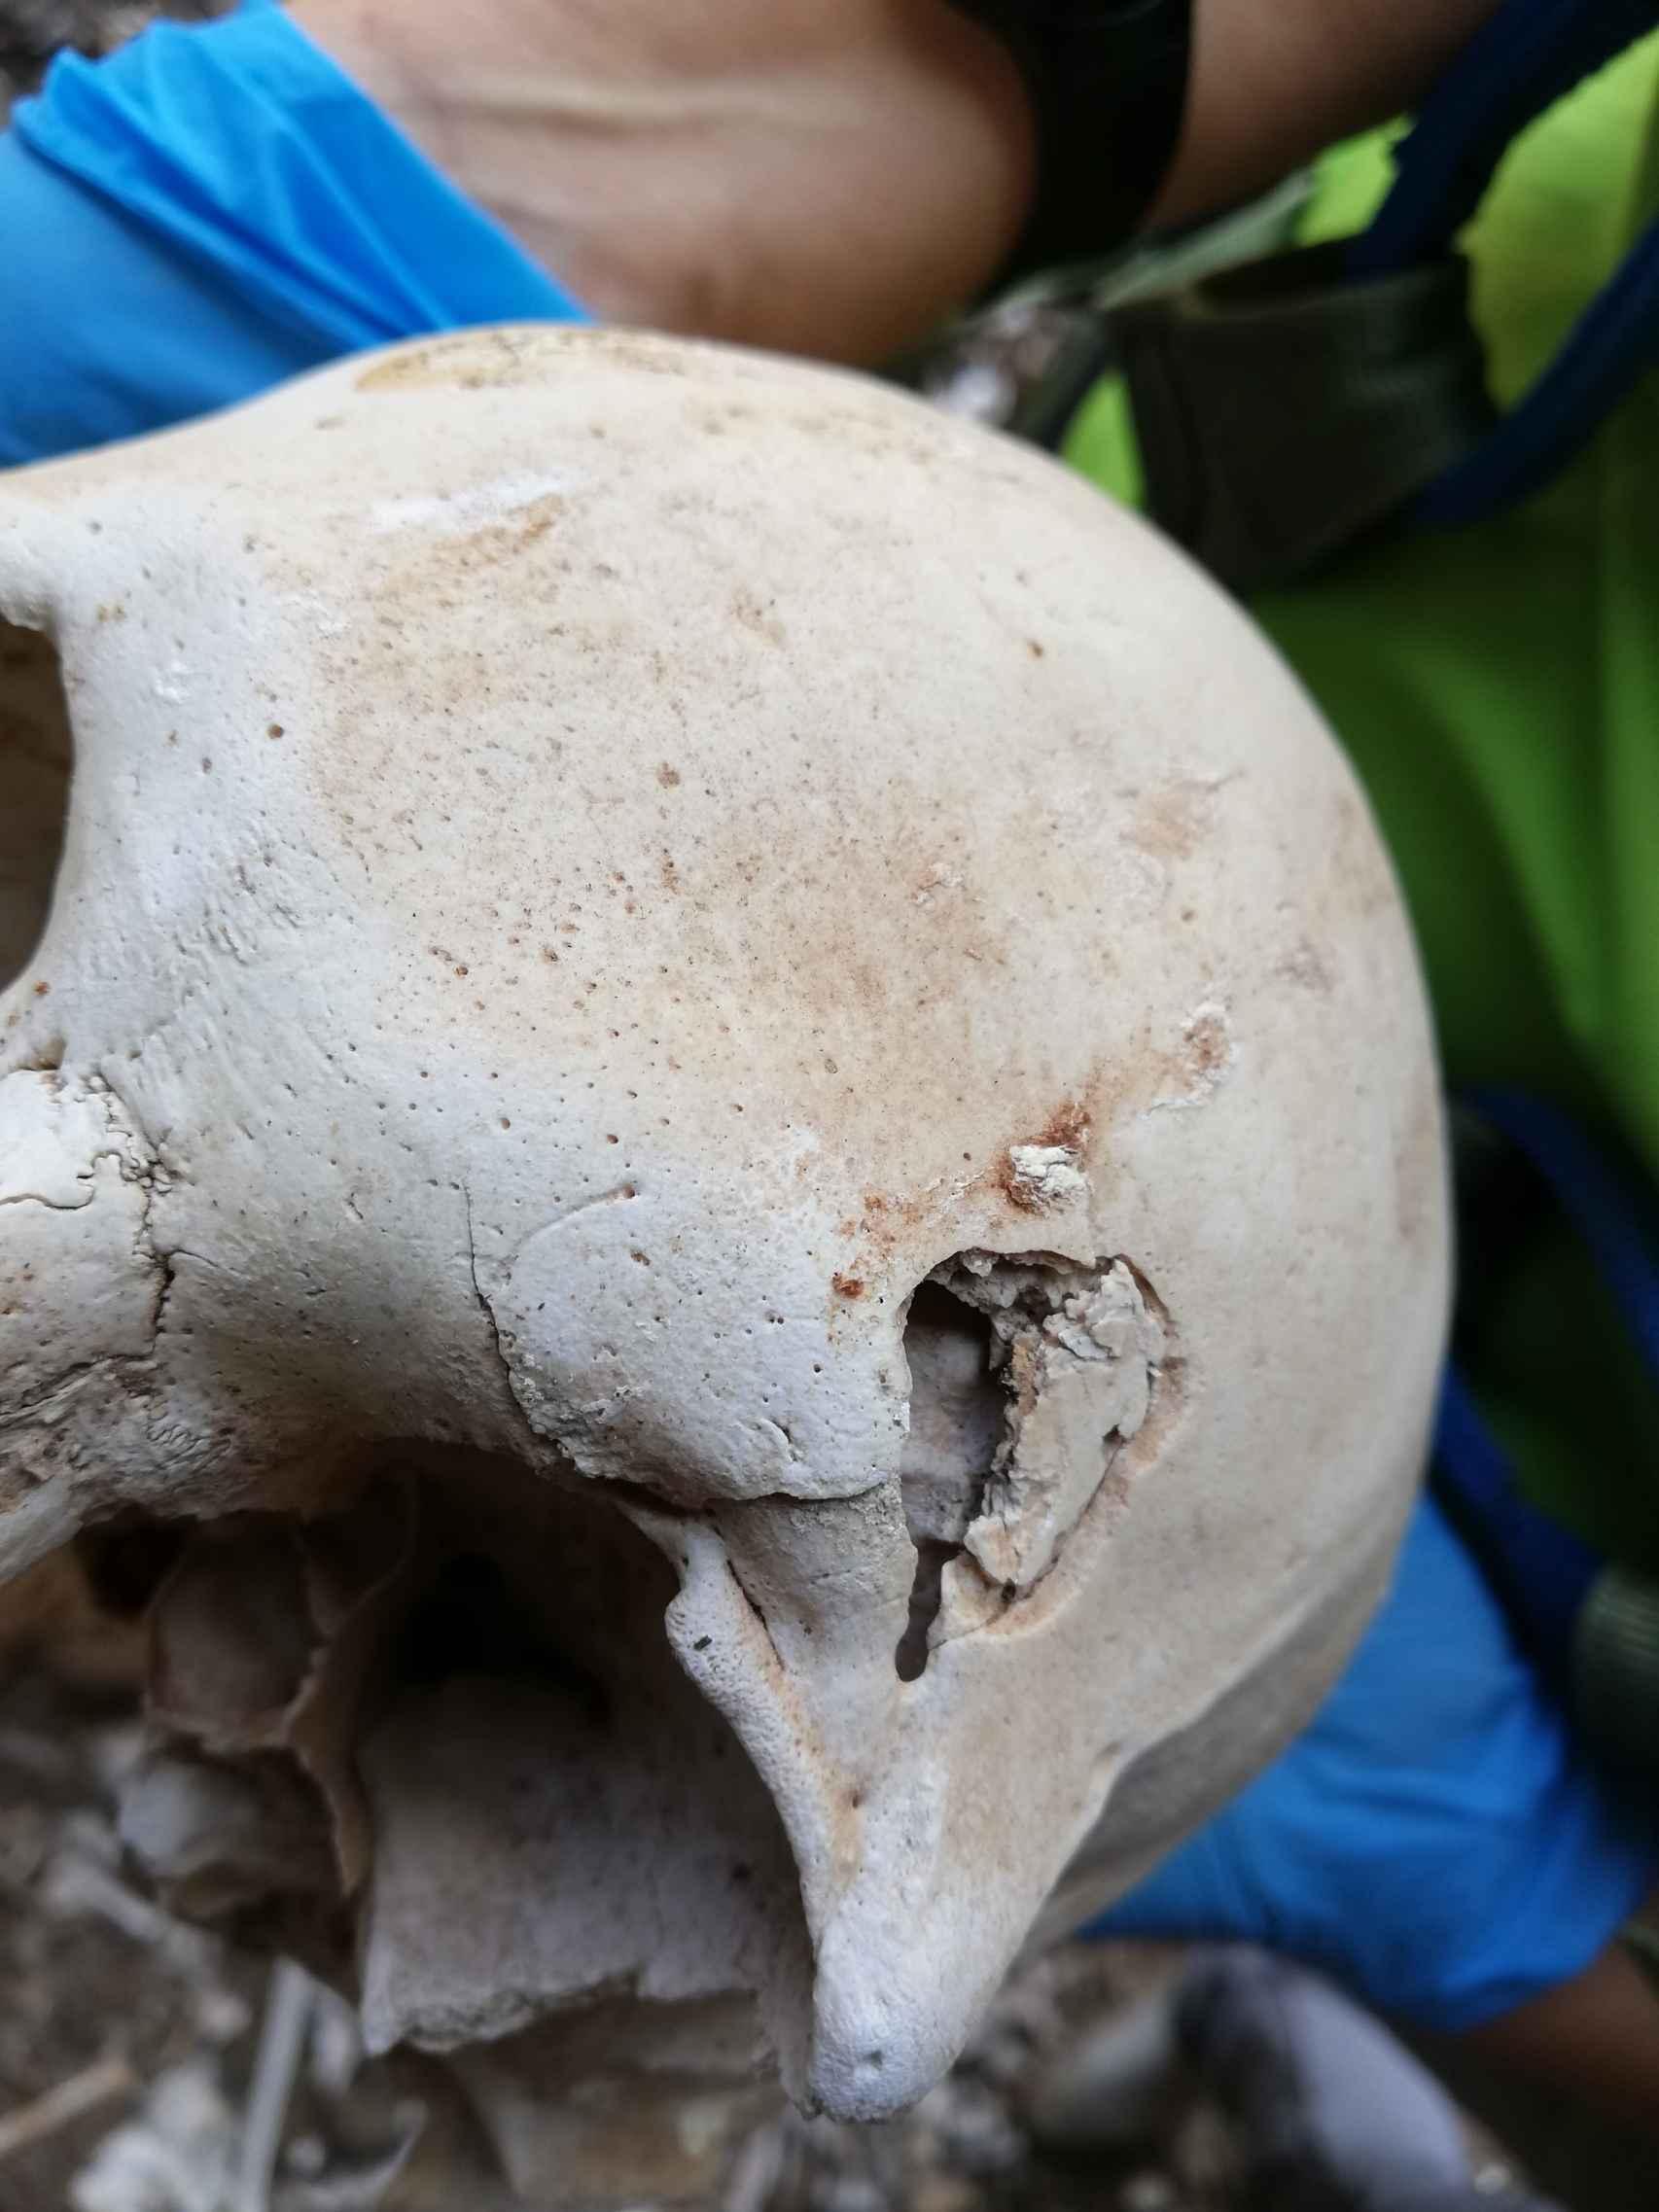 Un cráneo perteneciente a los restos óseos descubiertos el verano pasado en el enterramiento prehispánico ubicado en una cueva inaccesible del barranco de Guayadeque.